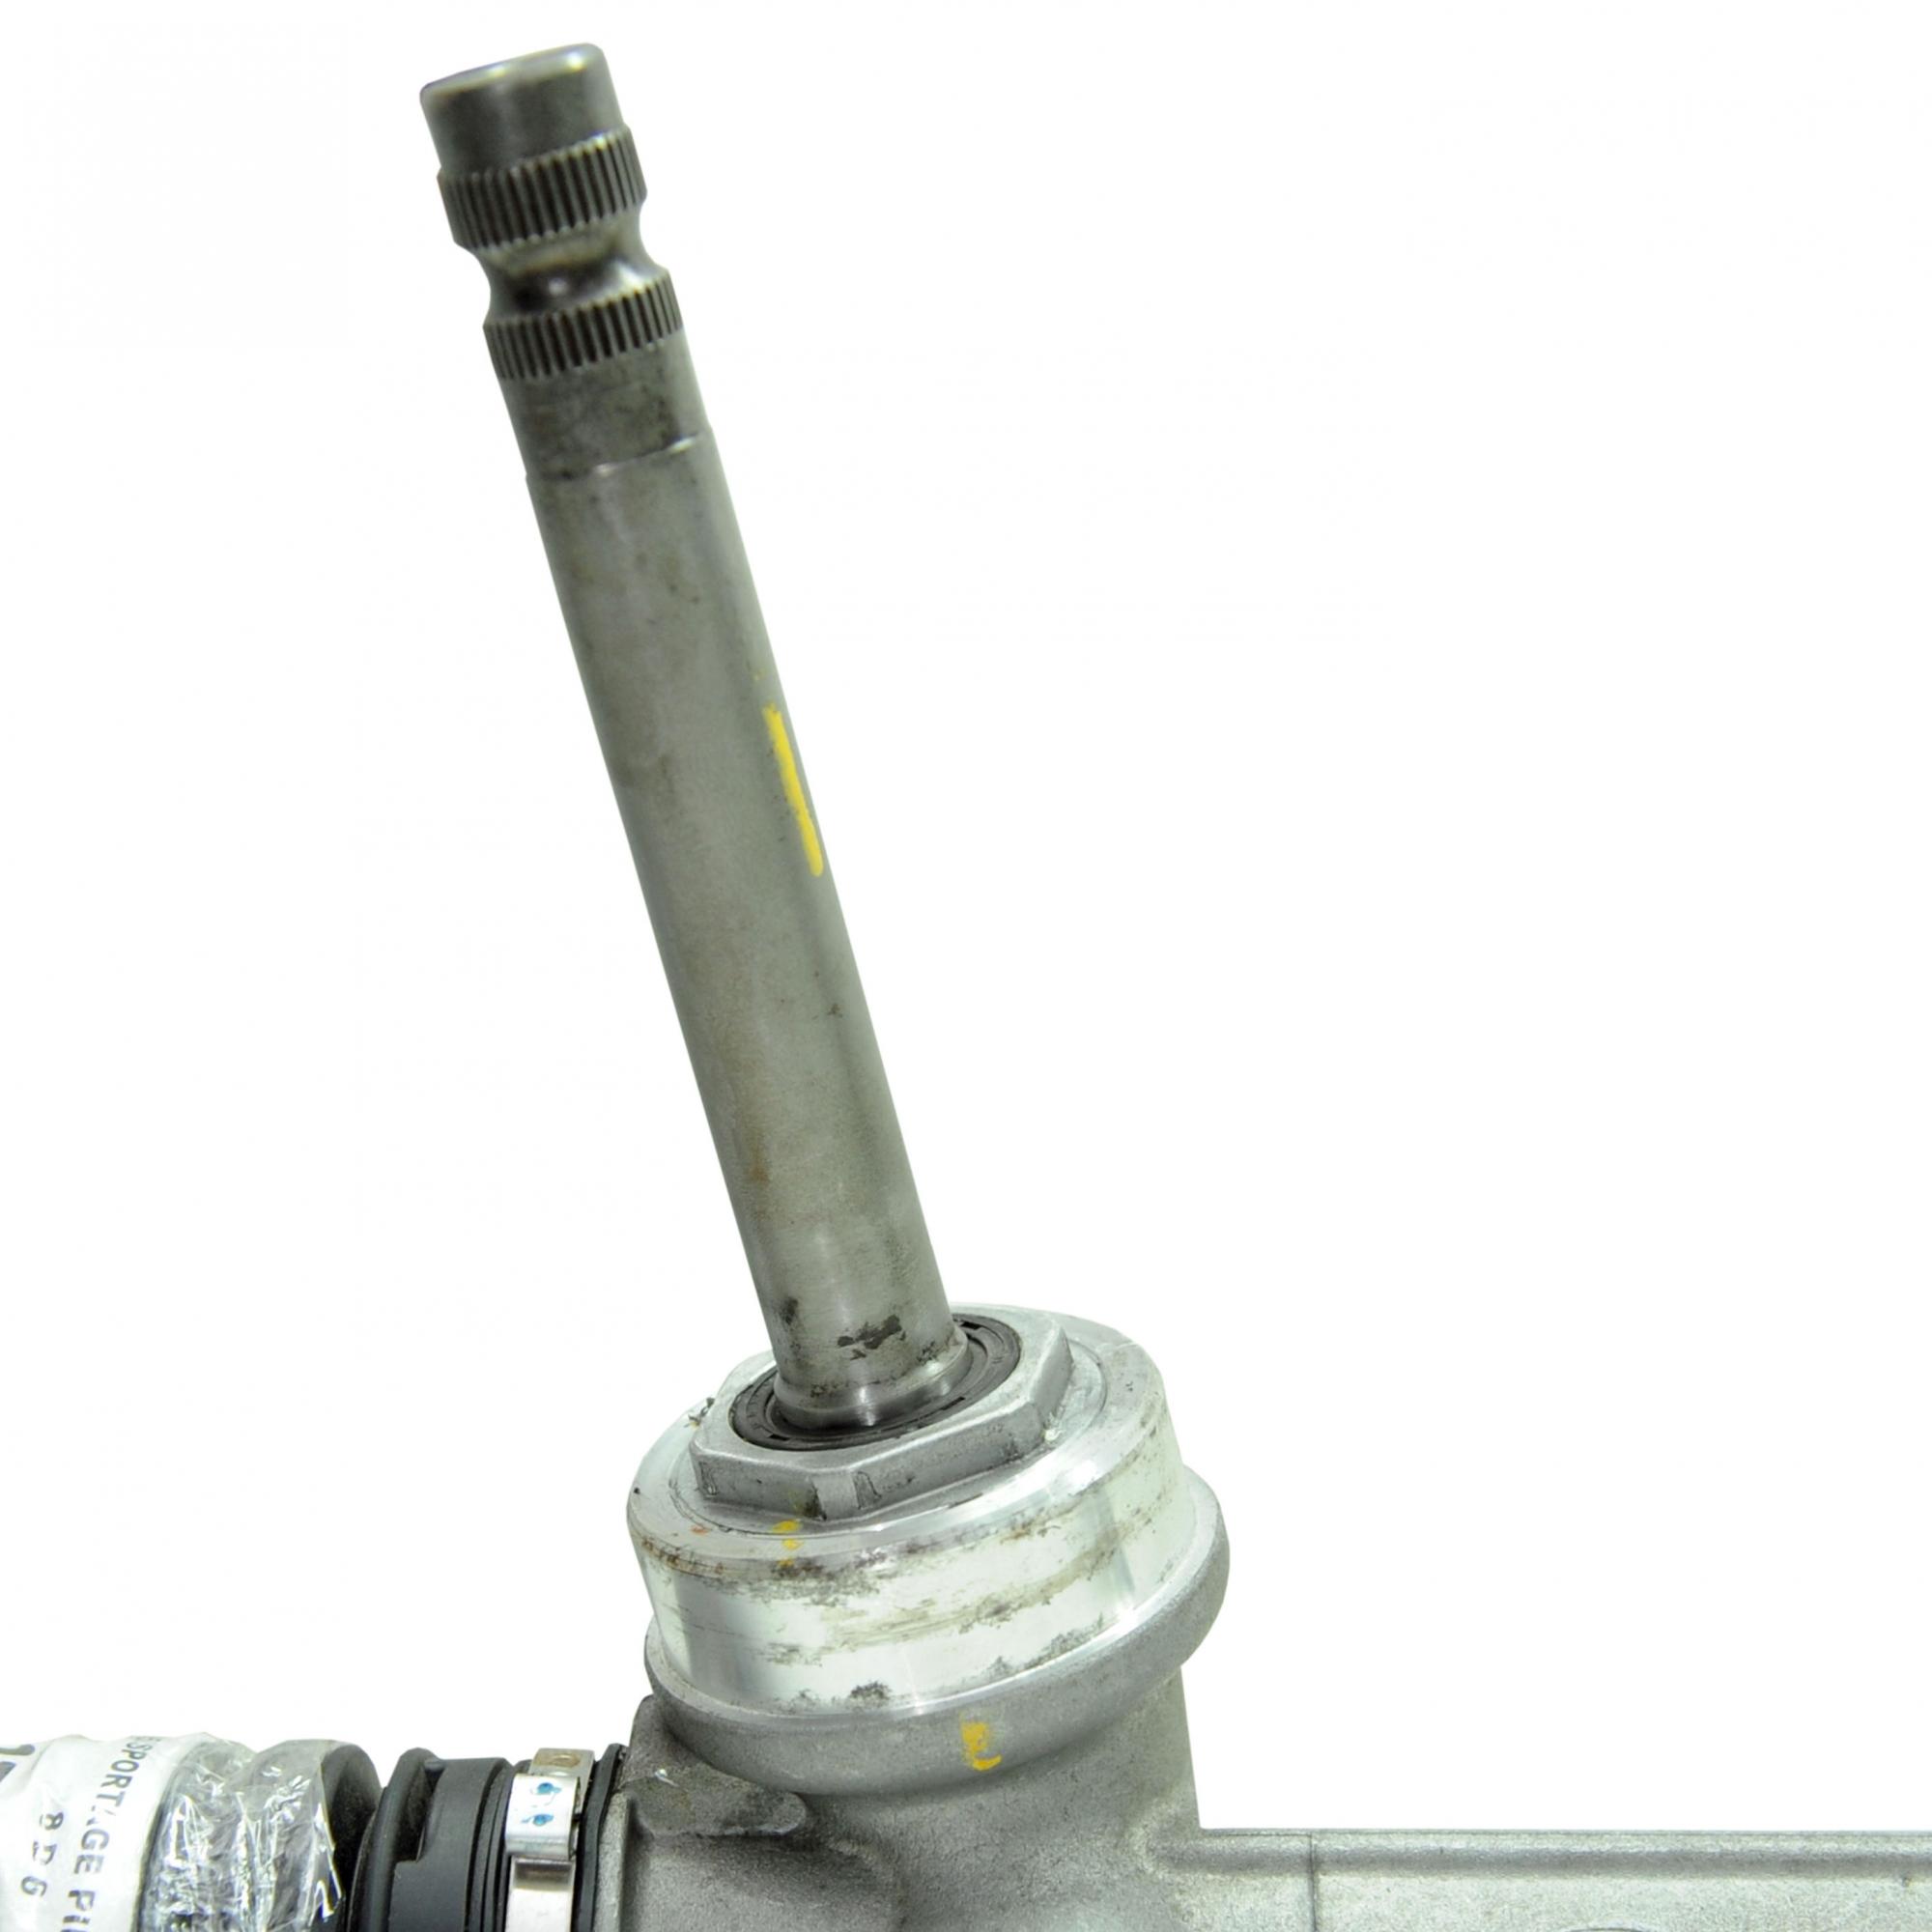 Caixa Direção Mecânica Hyundai IX35 14/15, Kia Sportage 14/15 565003S010